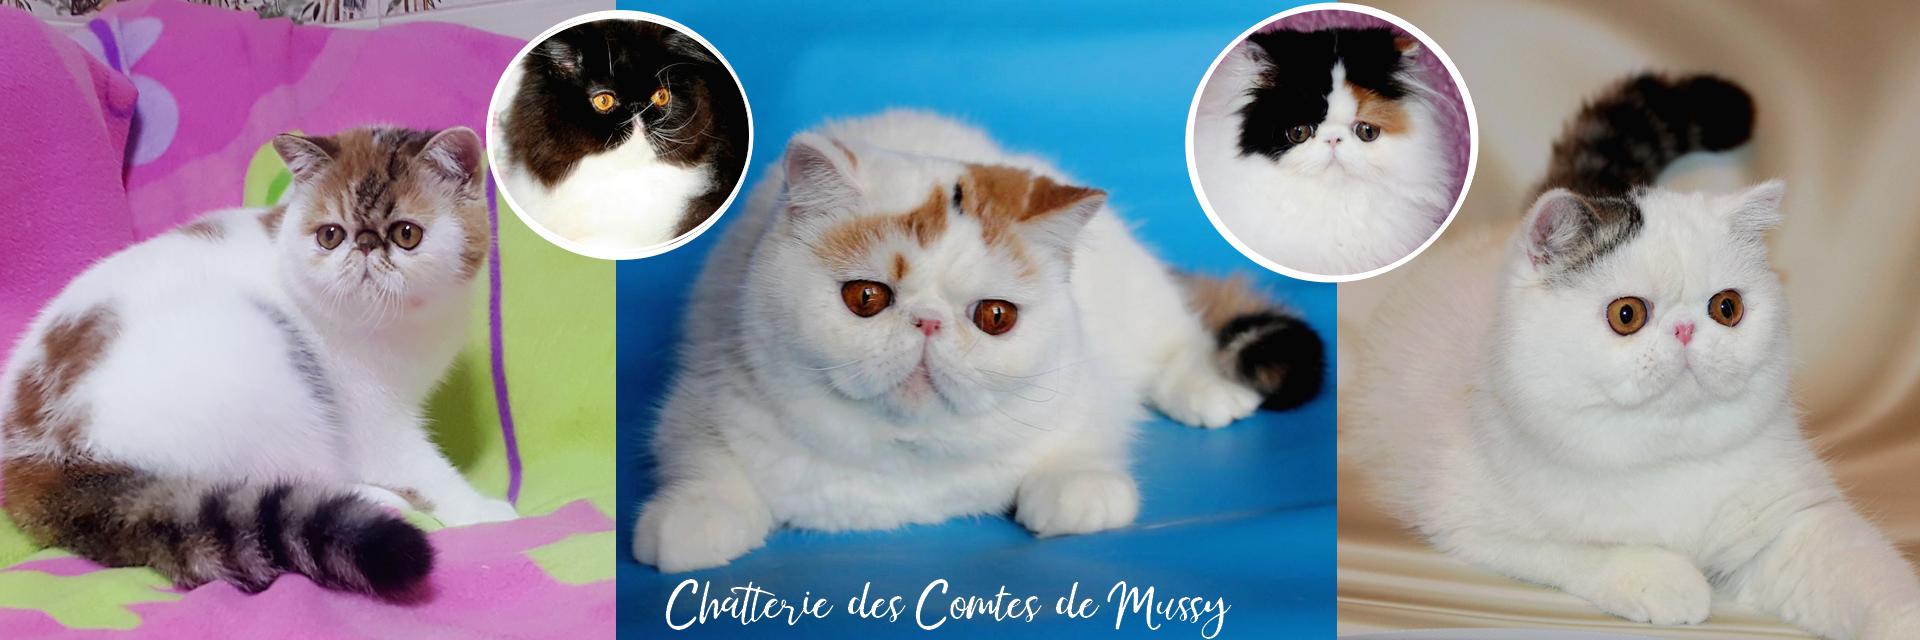 Chatterie des Comtes de Mussy